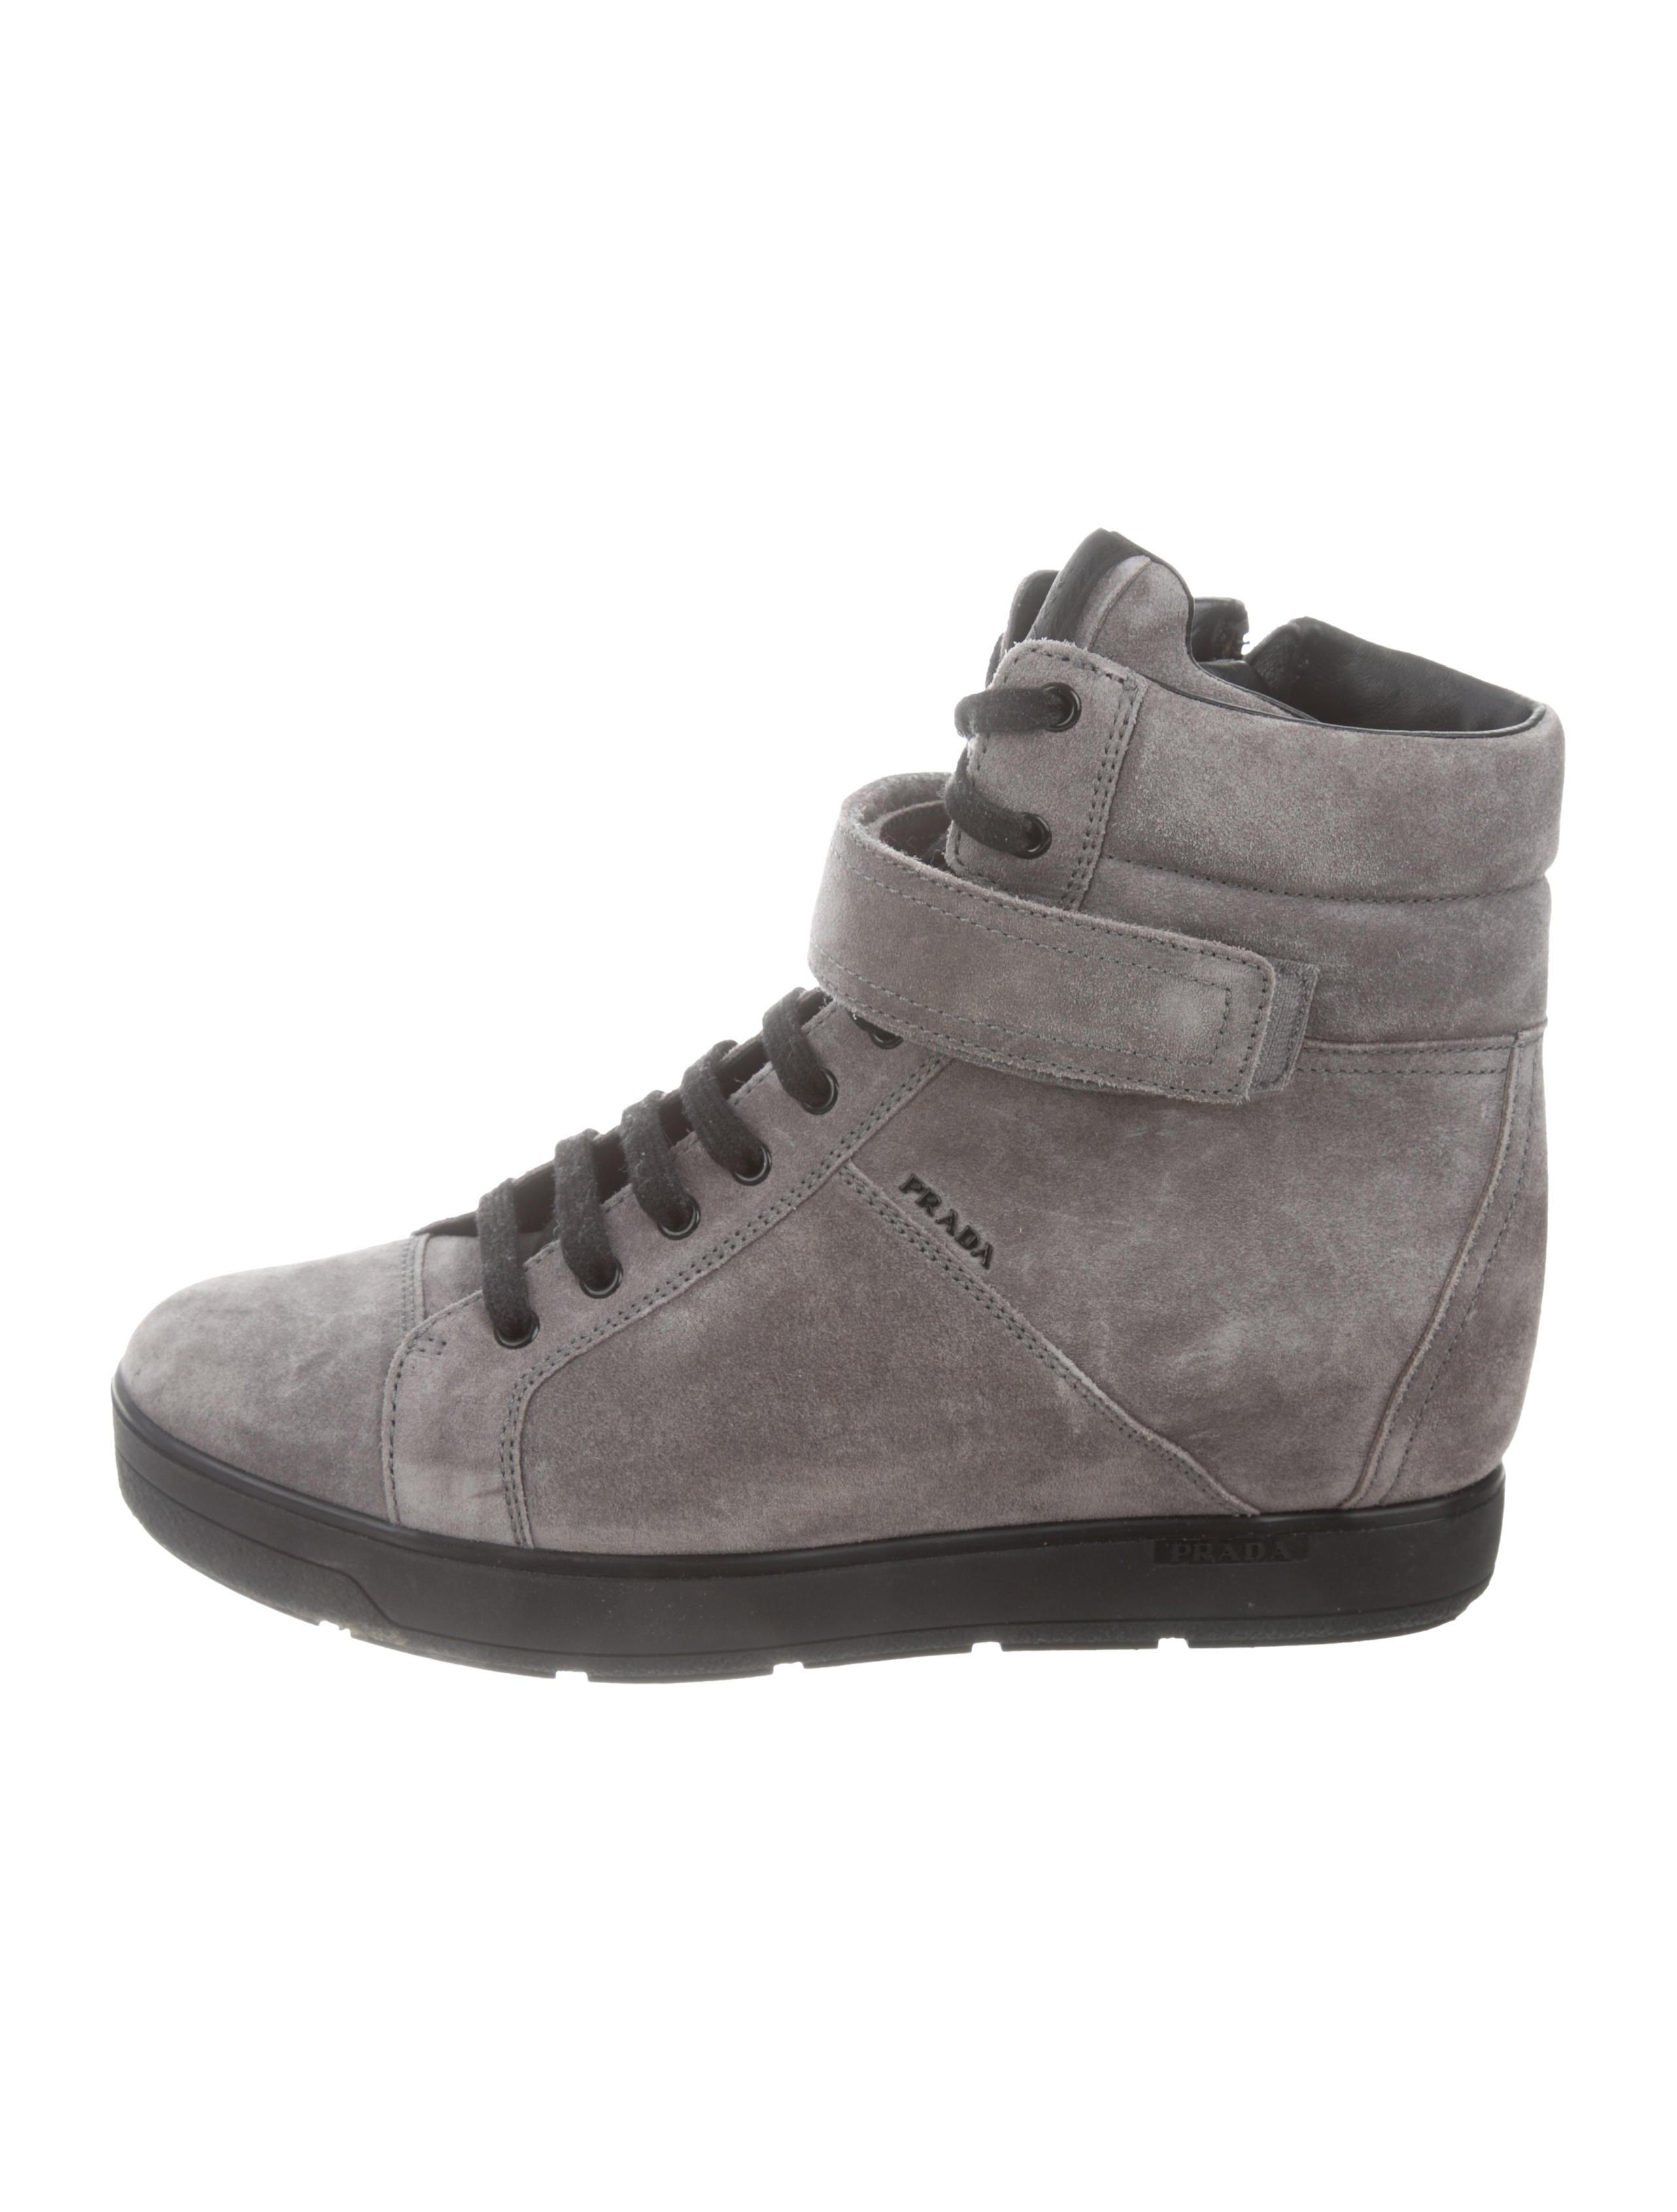 cba77f98c225 Prada Sport Suede Wedge Sneakers - Shoes - WPR62065